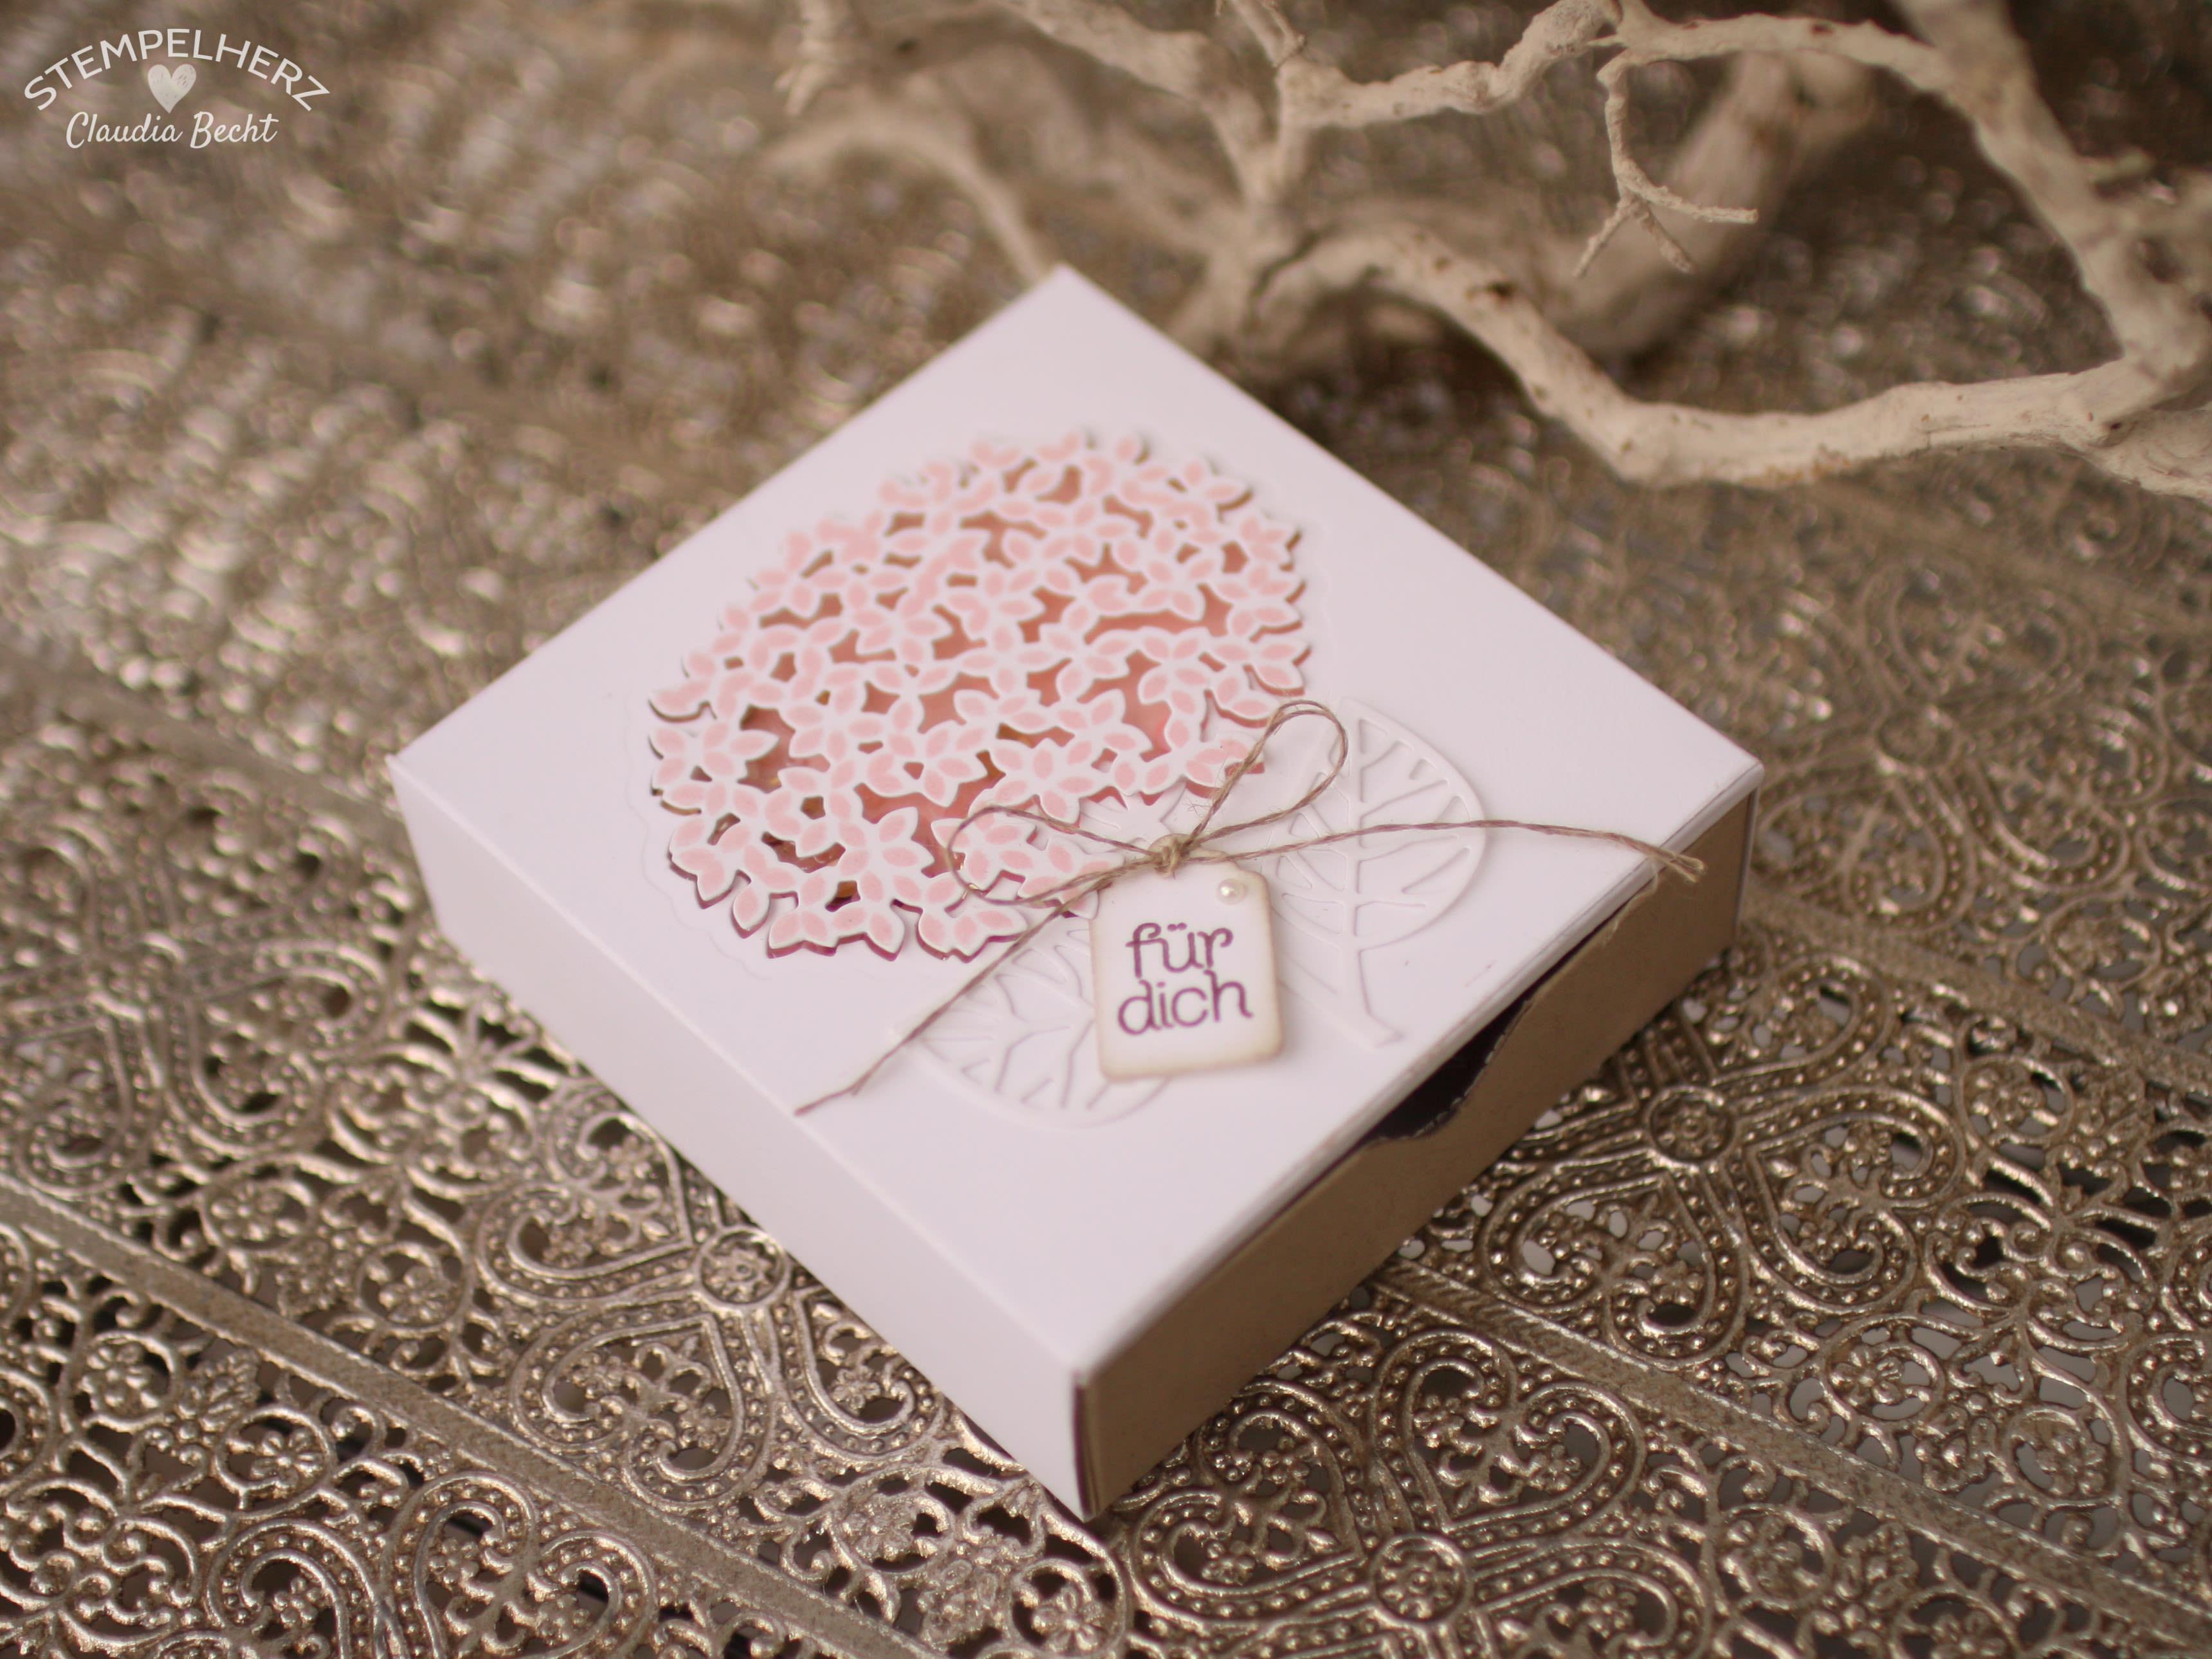 Stampin Up - Stempelherz - Grand Vacation Achievers Blog Hop - Thoughtful Branches - Wald der Worte - Verpackung - Schachtel - Ziehverpackung - Box - Blume - Schachtel Zarte Blume 01